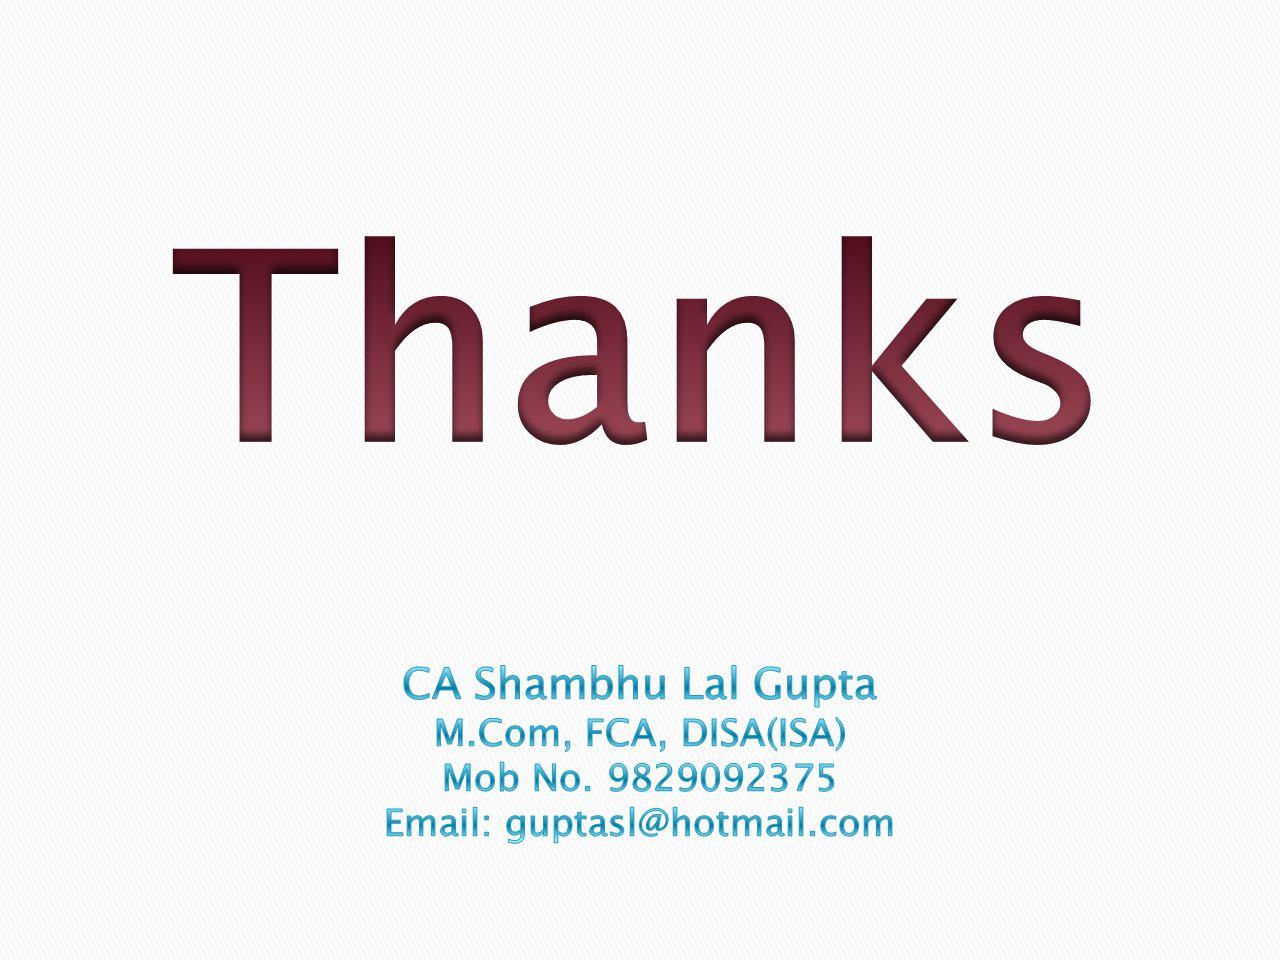 Thanks CA Shambhu Lal Gupta M.Com, FCA, DISA(ISA) Mob No. 9829092375